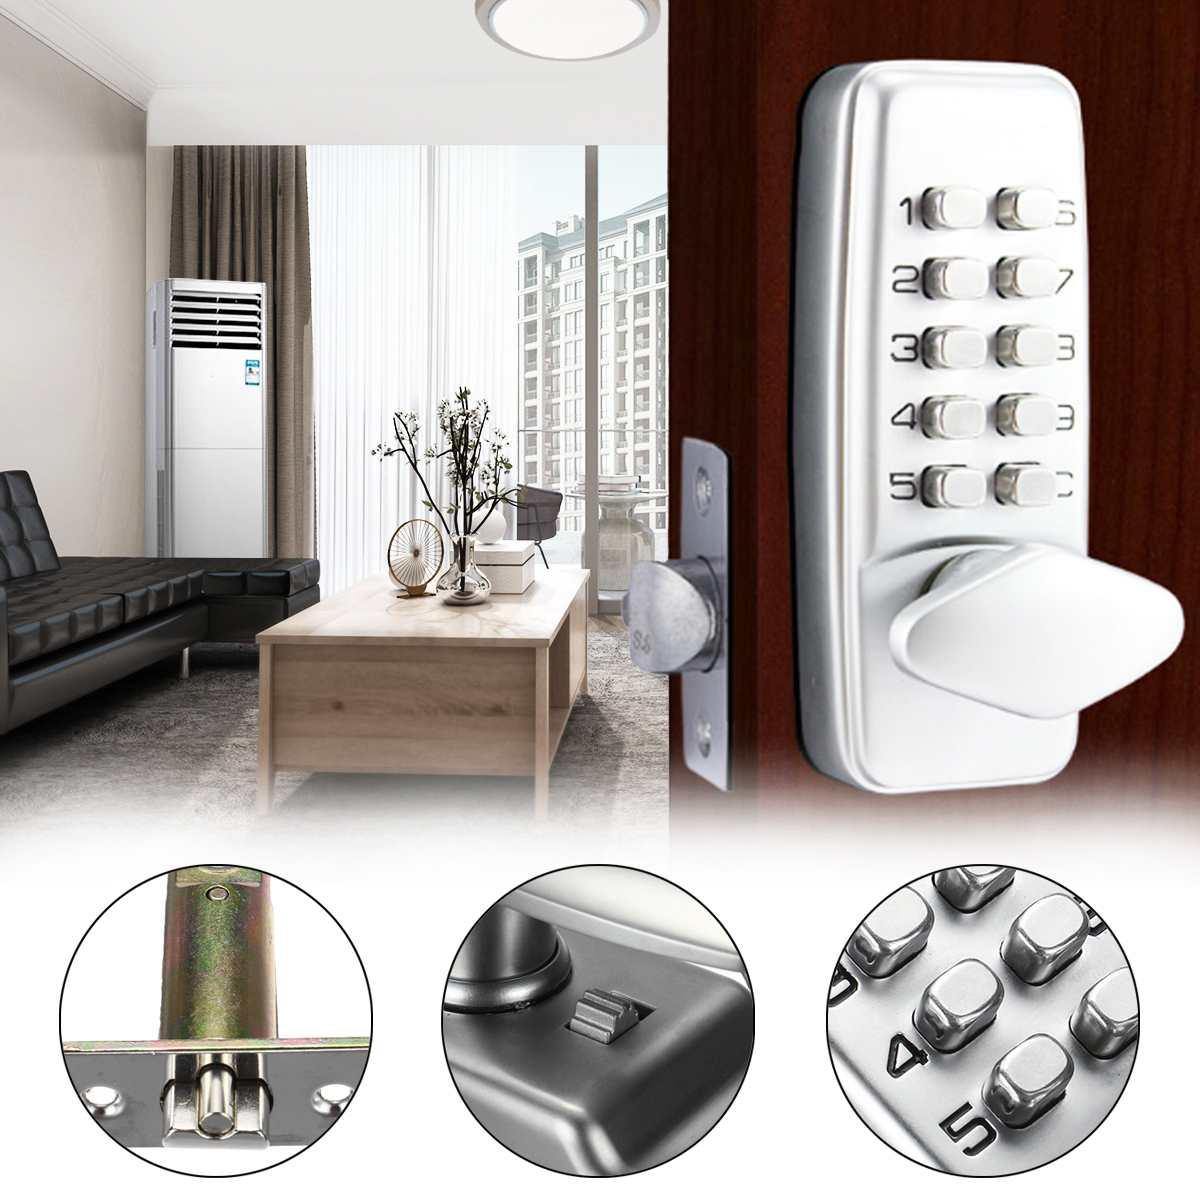 Serrure mécanique Miniature de combinaison d'alliage de Zinc serrure numérique imperméable à l'eau serrure de Code de mot de passe sans clé pour le matériel de meubles à la maison